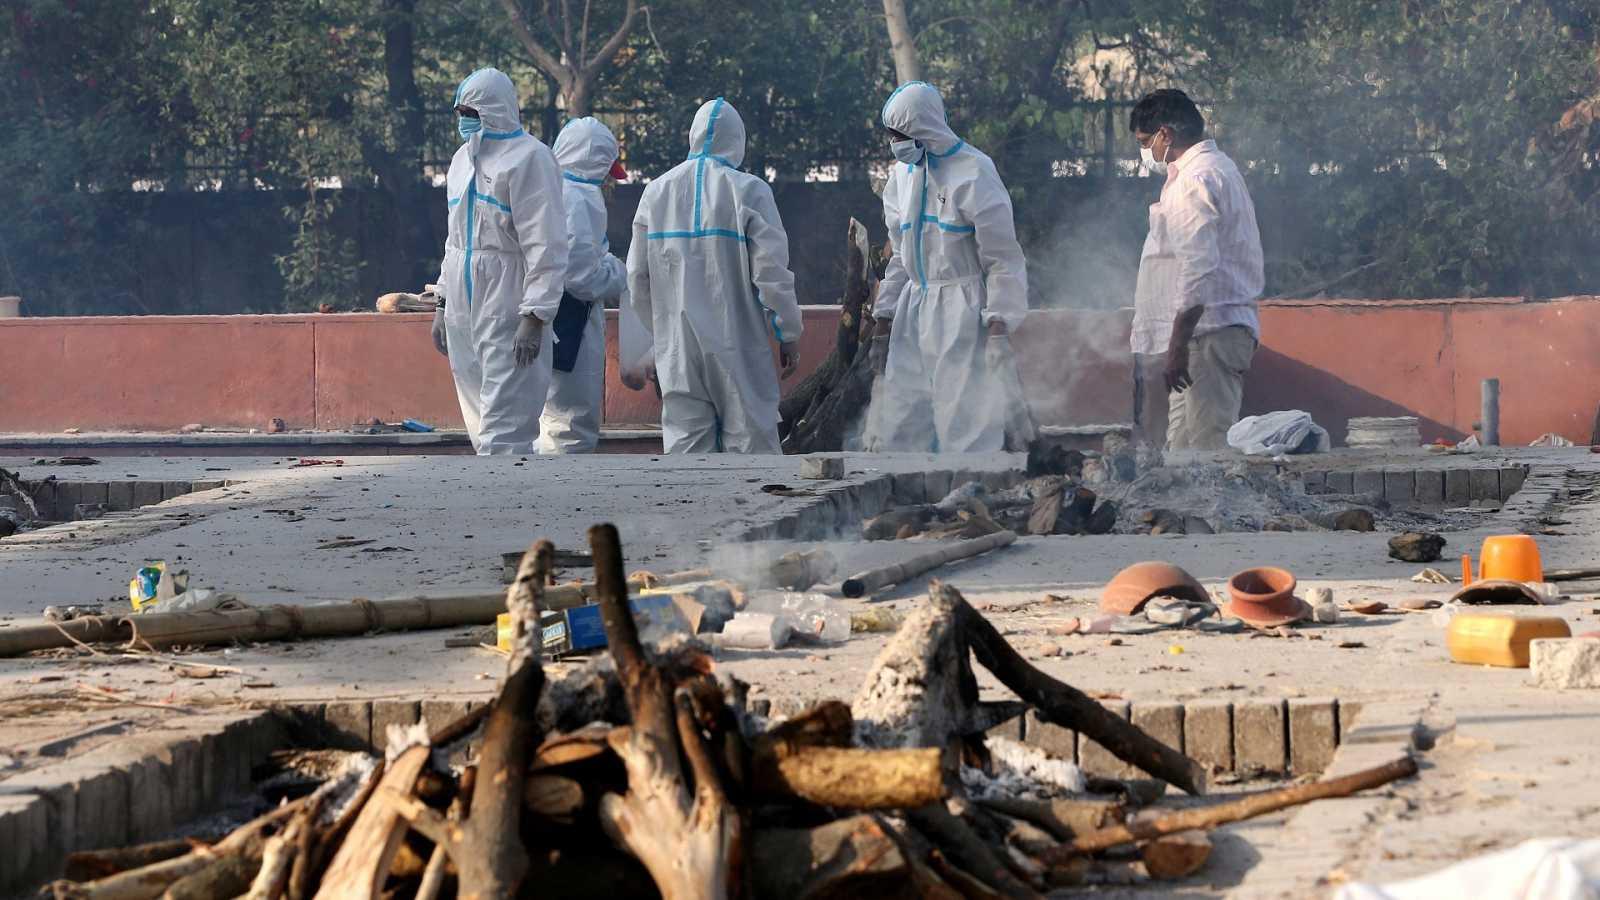 Los miembros de una familia, con equipo de protección personal (EPI), realizan los últimos ritos para las víctimas de COVID-19 en un crematorio cerca de Nueva Delhi, India.